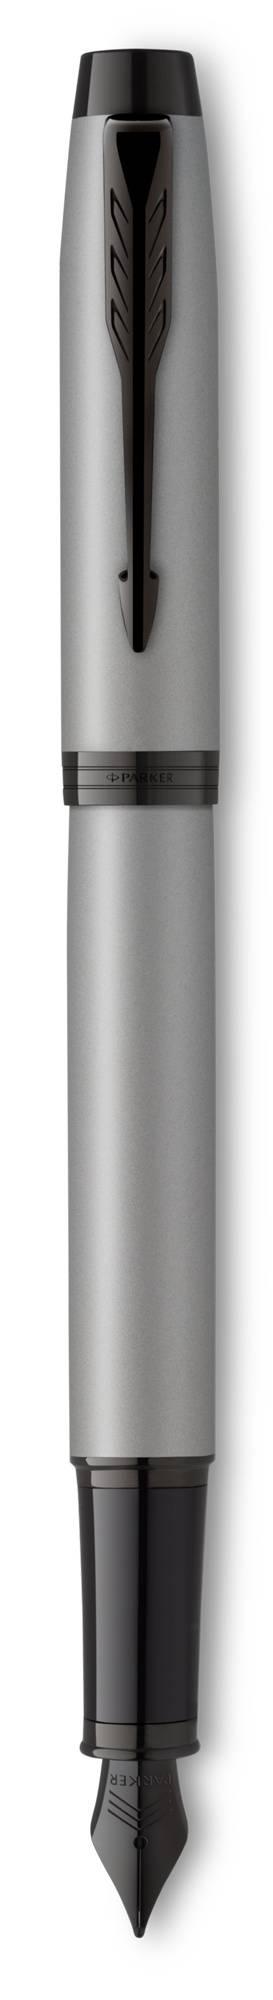 Ручка перьевая Parker IM Achromatic серый матовый (2127619) - фото 1